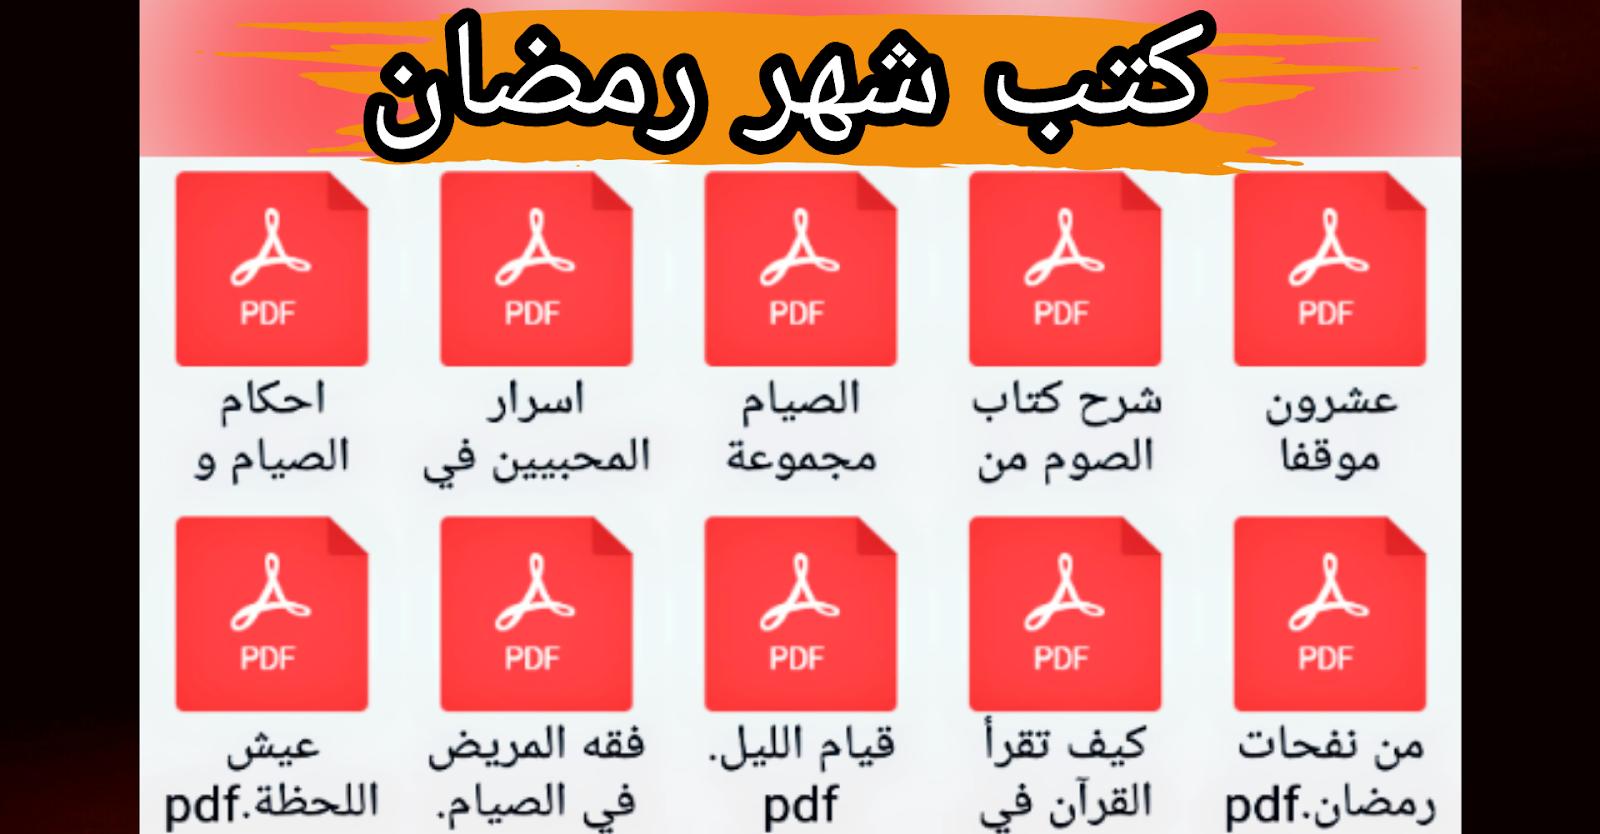 كتب خاصة بشهر رمضان | 10 كتب نصائح و حلول رمضانية